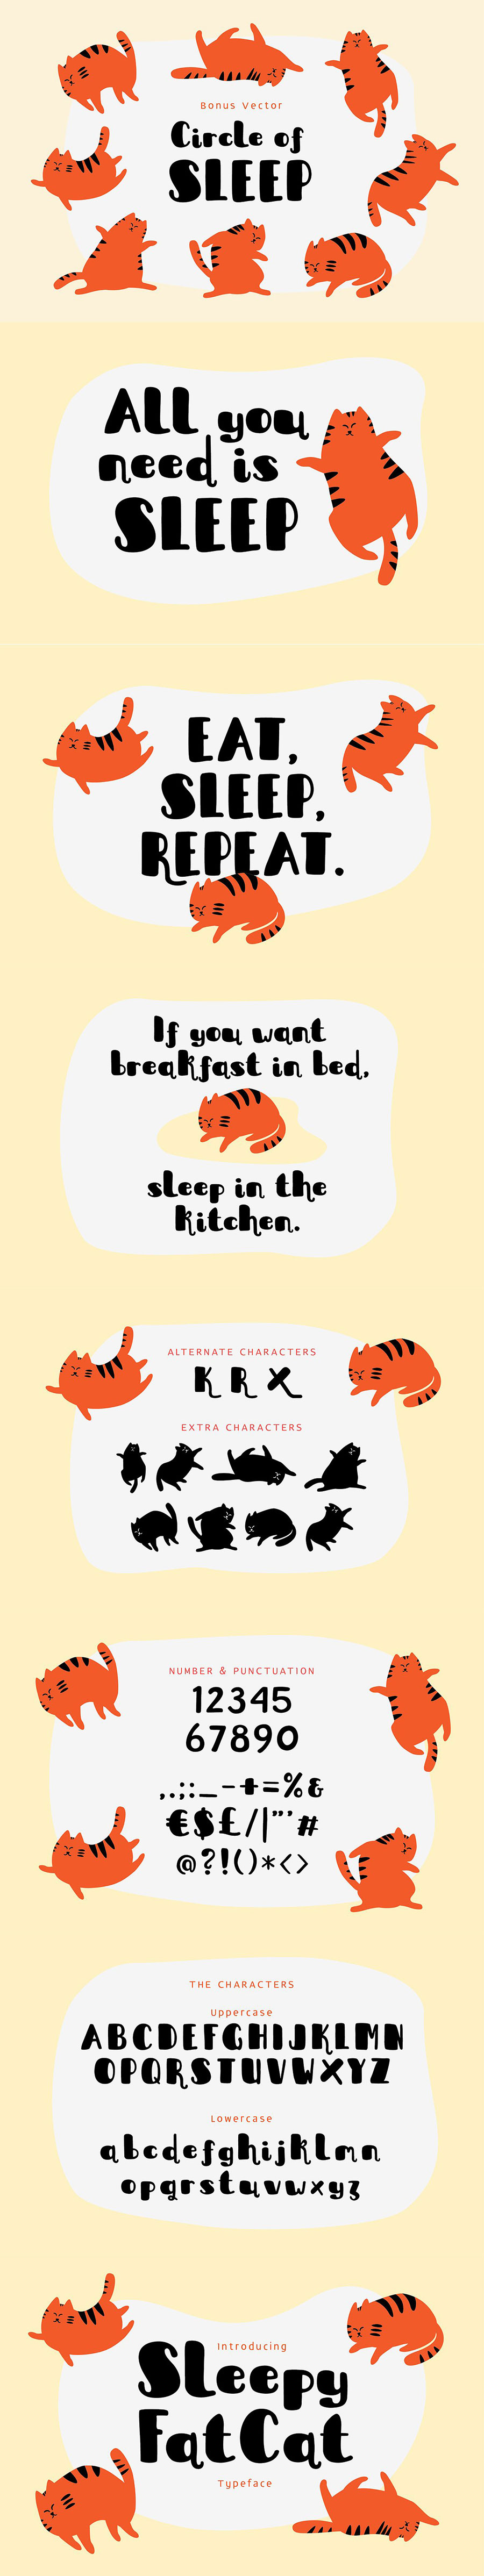 肥猫风格的设计字体与矢量图形打包下载[Ai,ttf,otf]